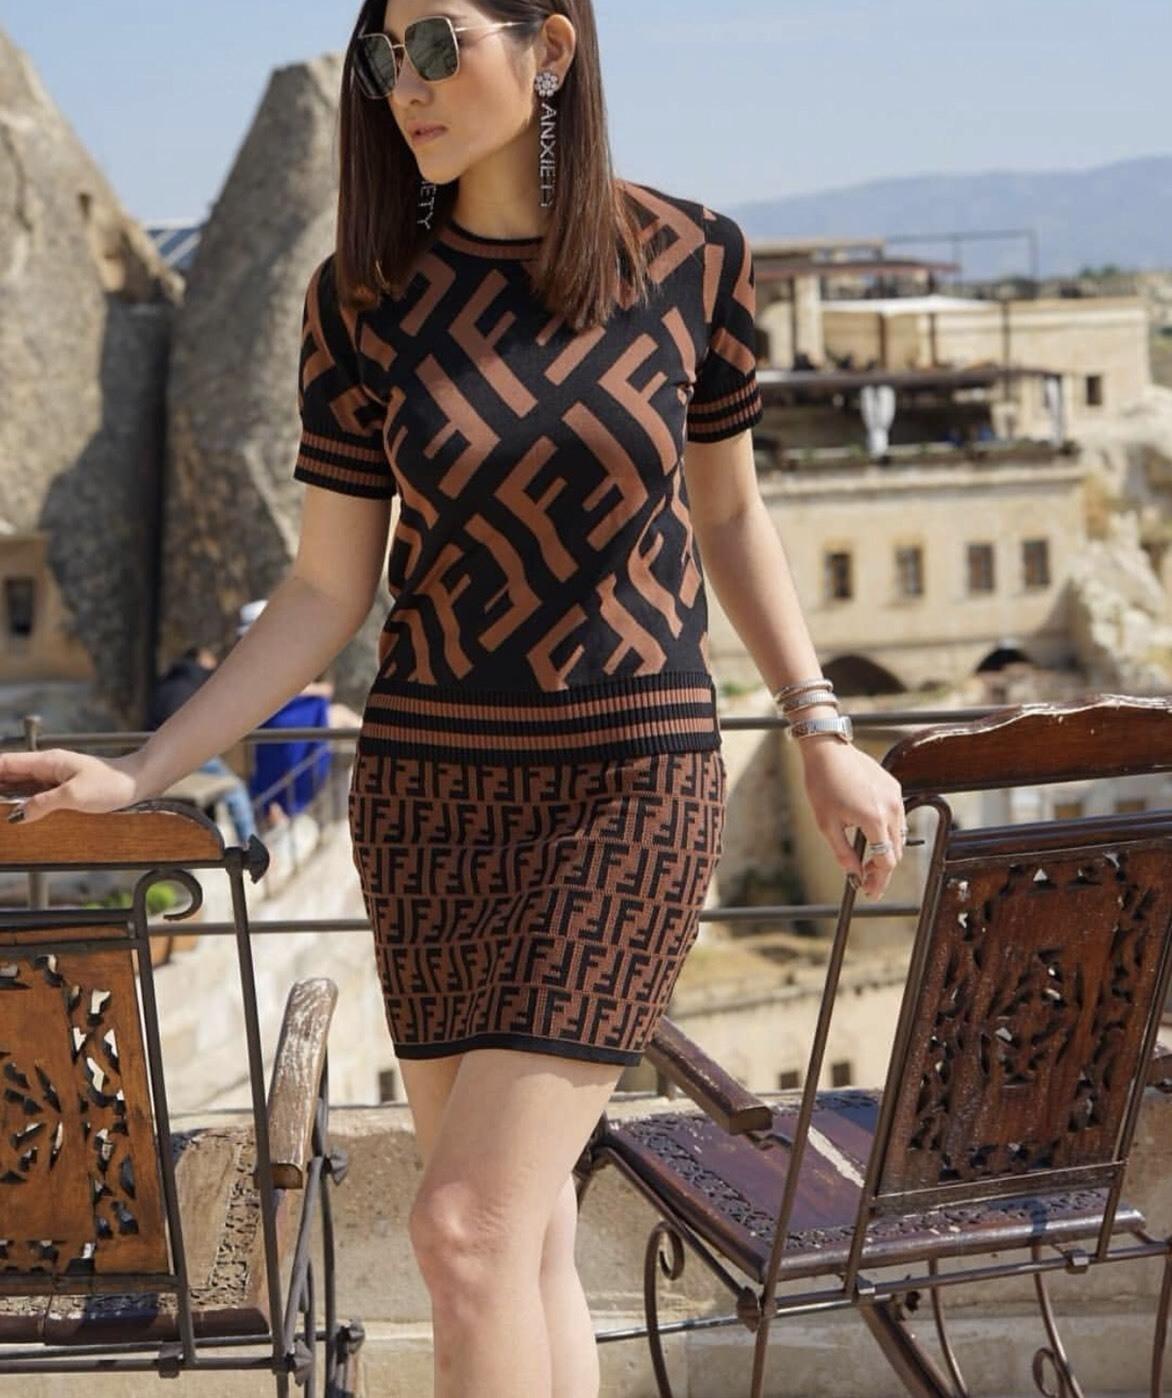 Set :: เสื้อแขนสั้นตัวสวย สวยเป๊ะ มาเข้าชุดกับกระโปรงทรงสอบเข้ารูปทอลายสวย